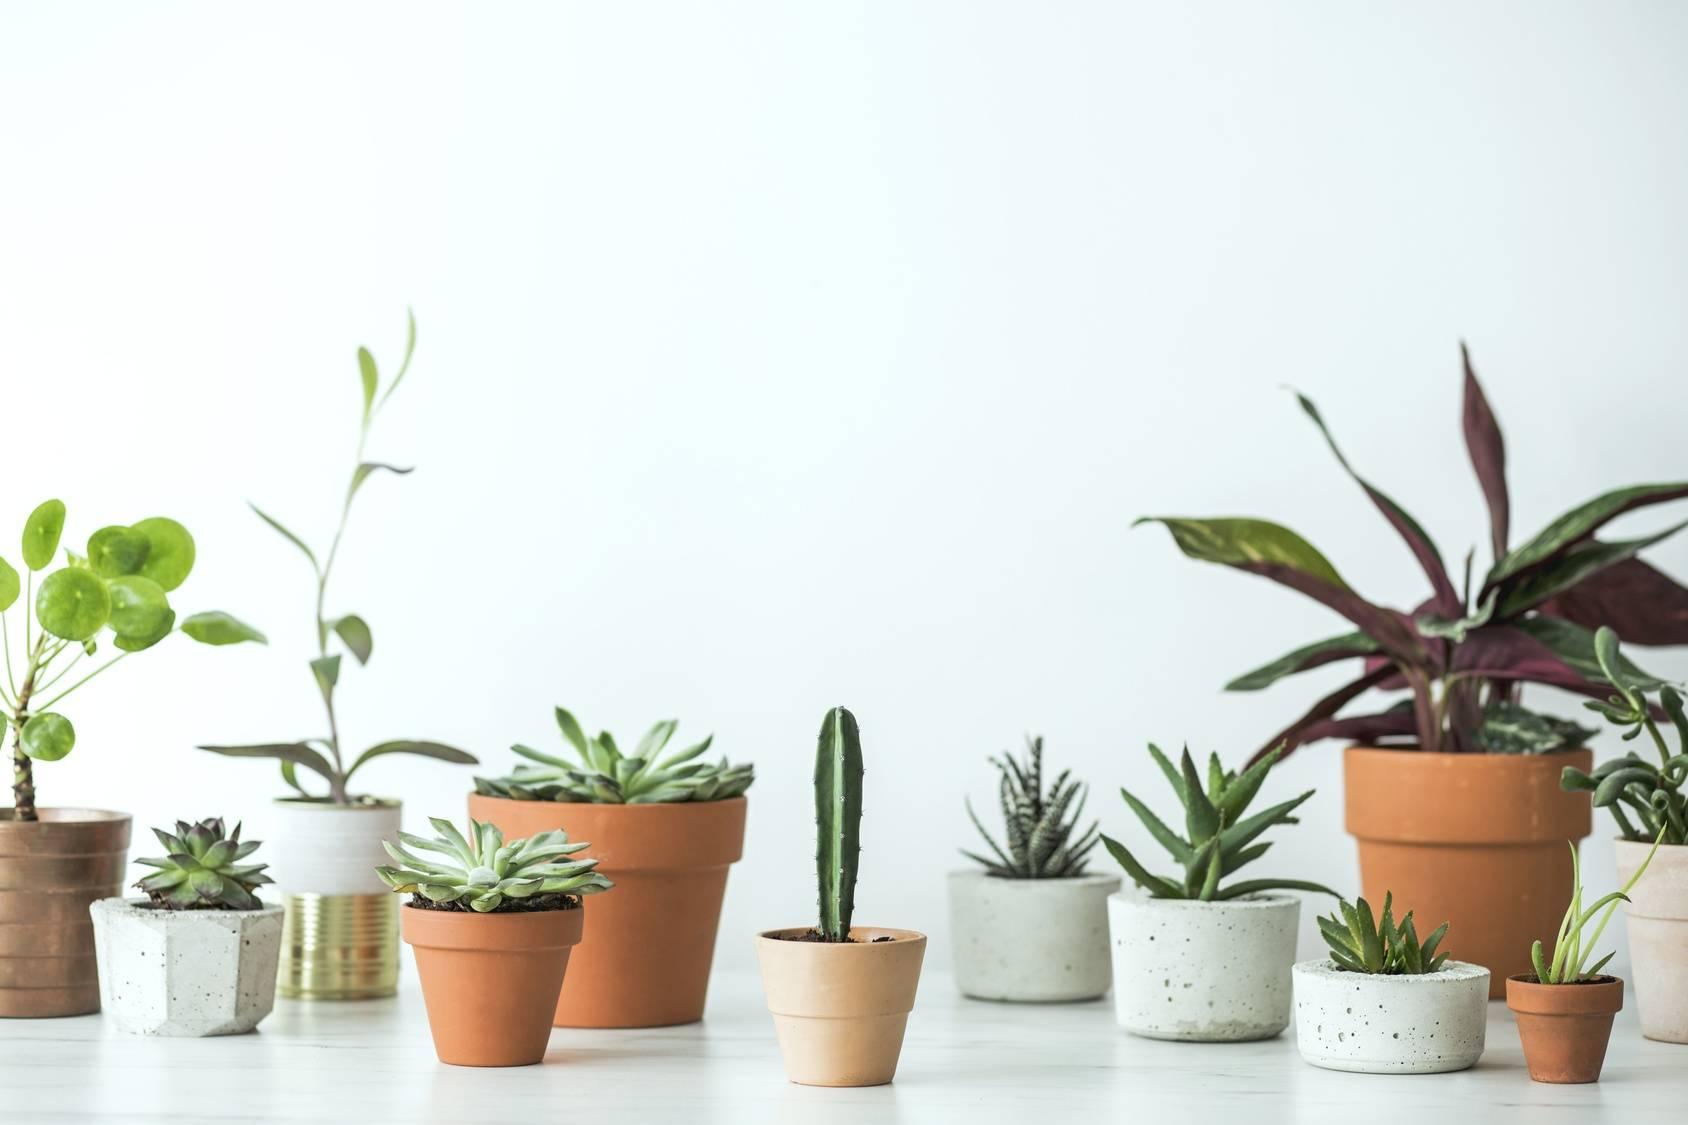 Czy wiesz, że popularne domowe rośliny doniczkowe mogą być trujące dla dzieci i zwierząt? Sprawdź które! Na białym blacie stoją różnego rodzaju doniczki - gliniane, ceramiczne - z kwiatami domowymi: kaktusami, sukulentami, roślinami zielonymi.